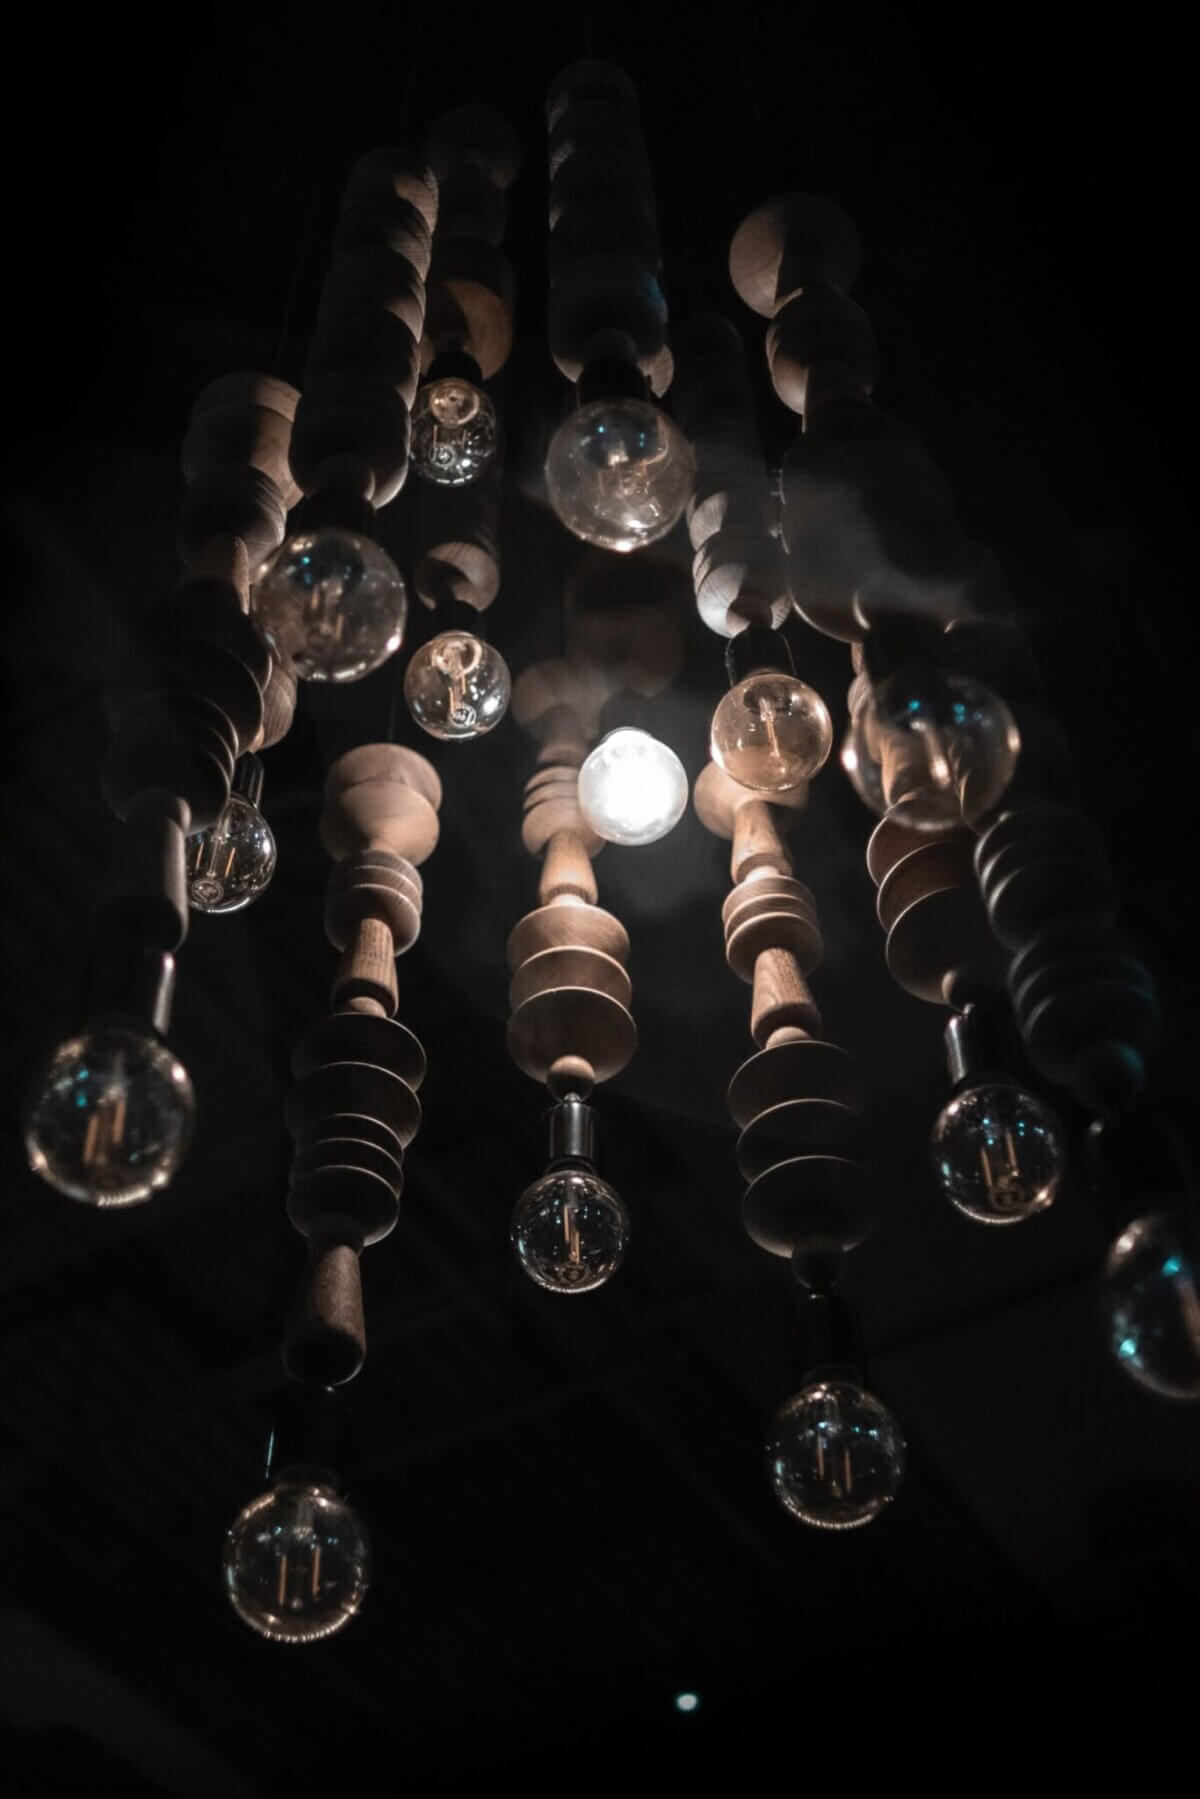 turned-on light bulbs